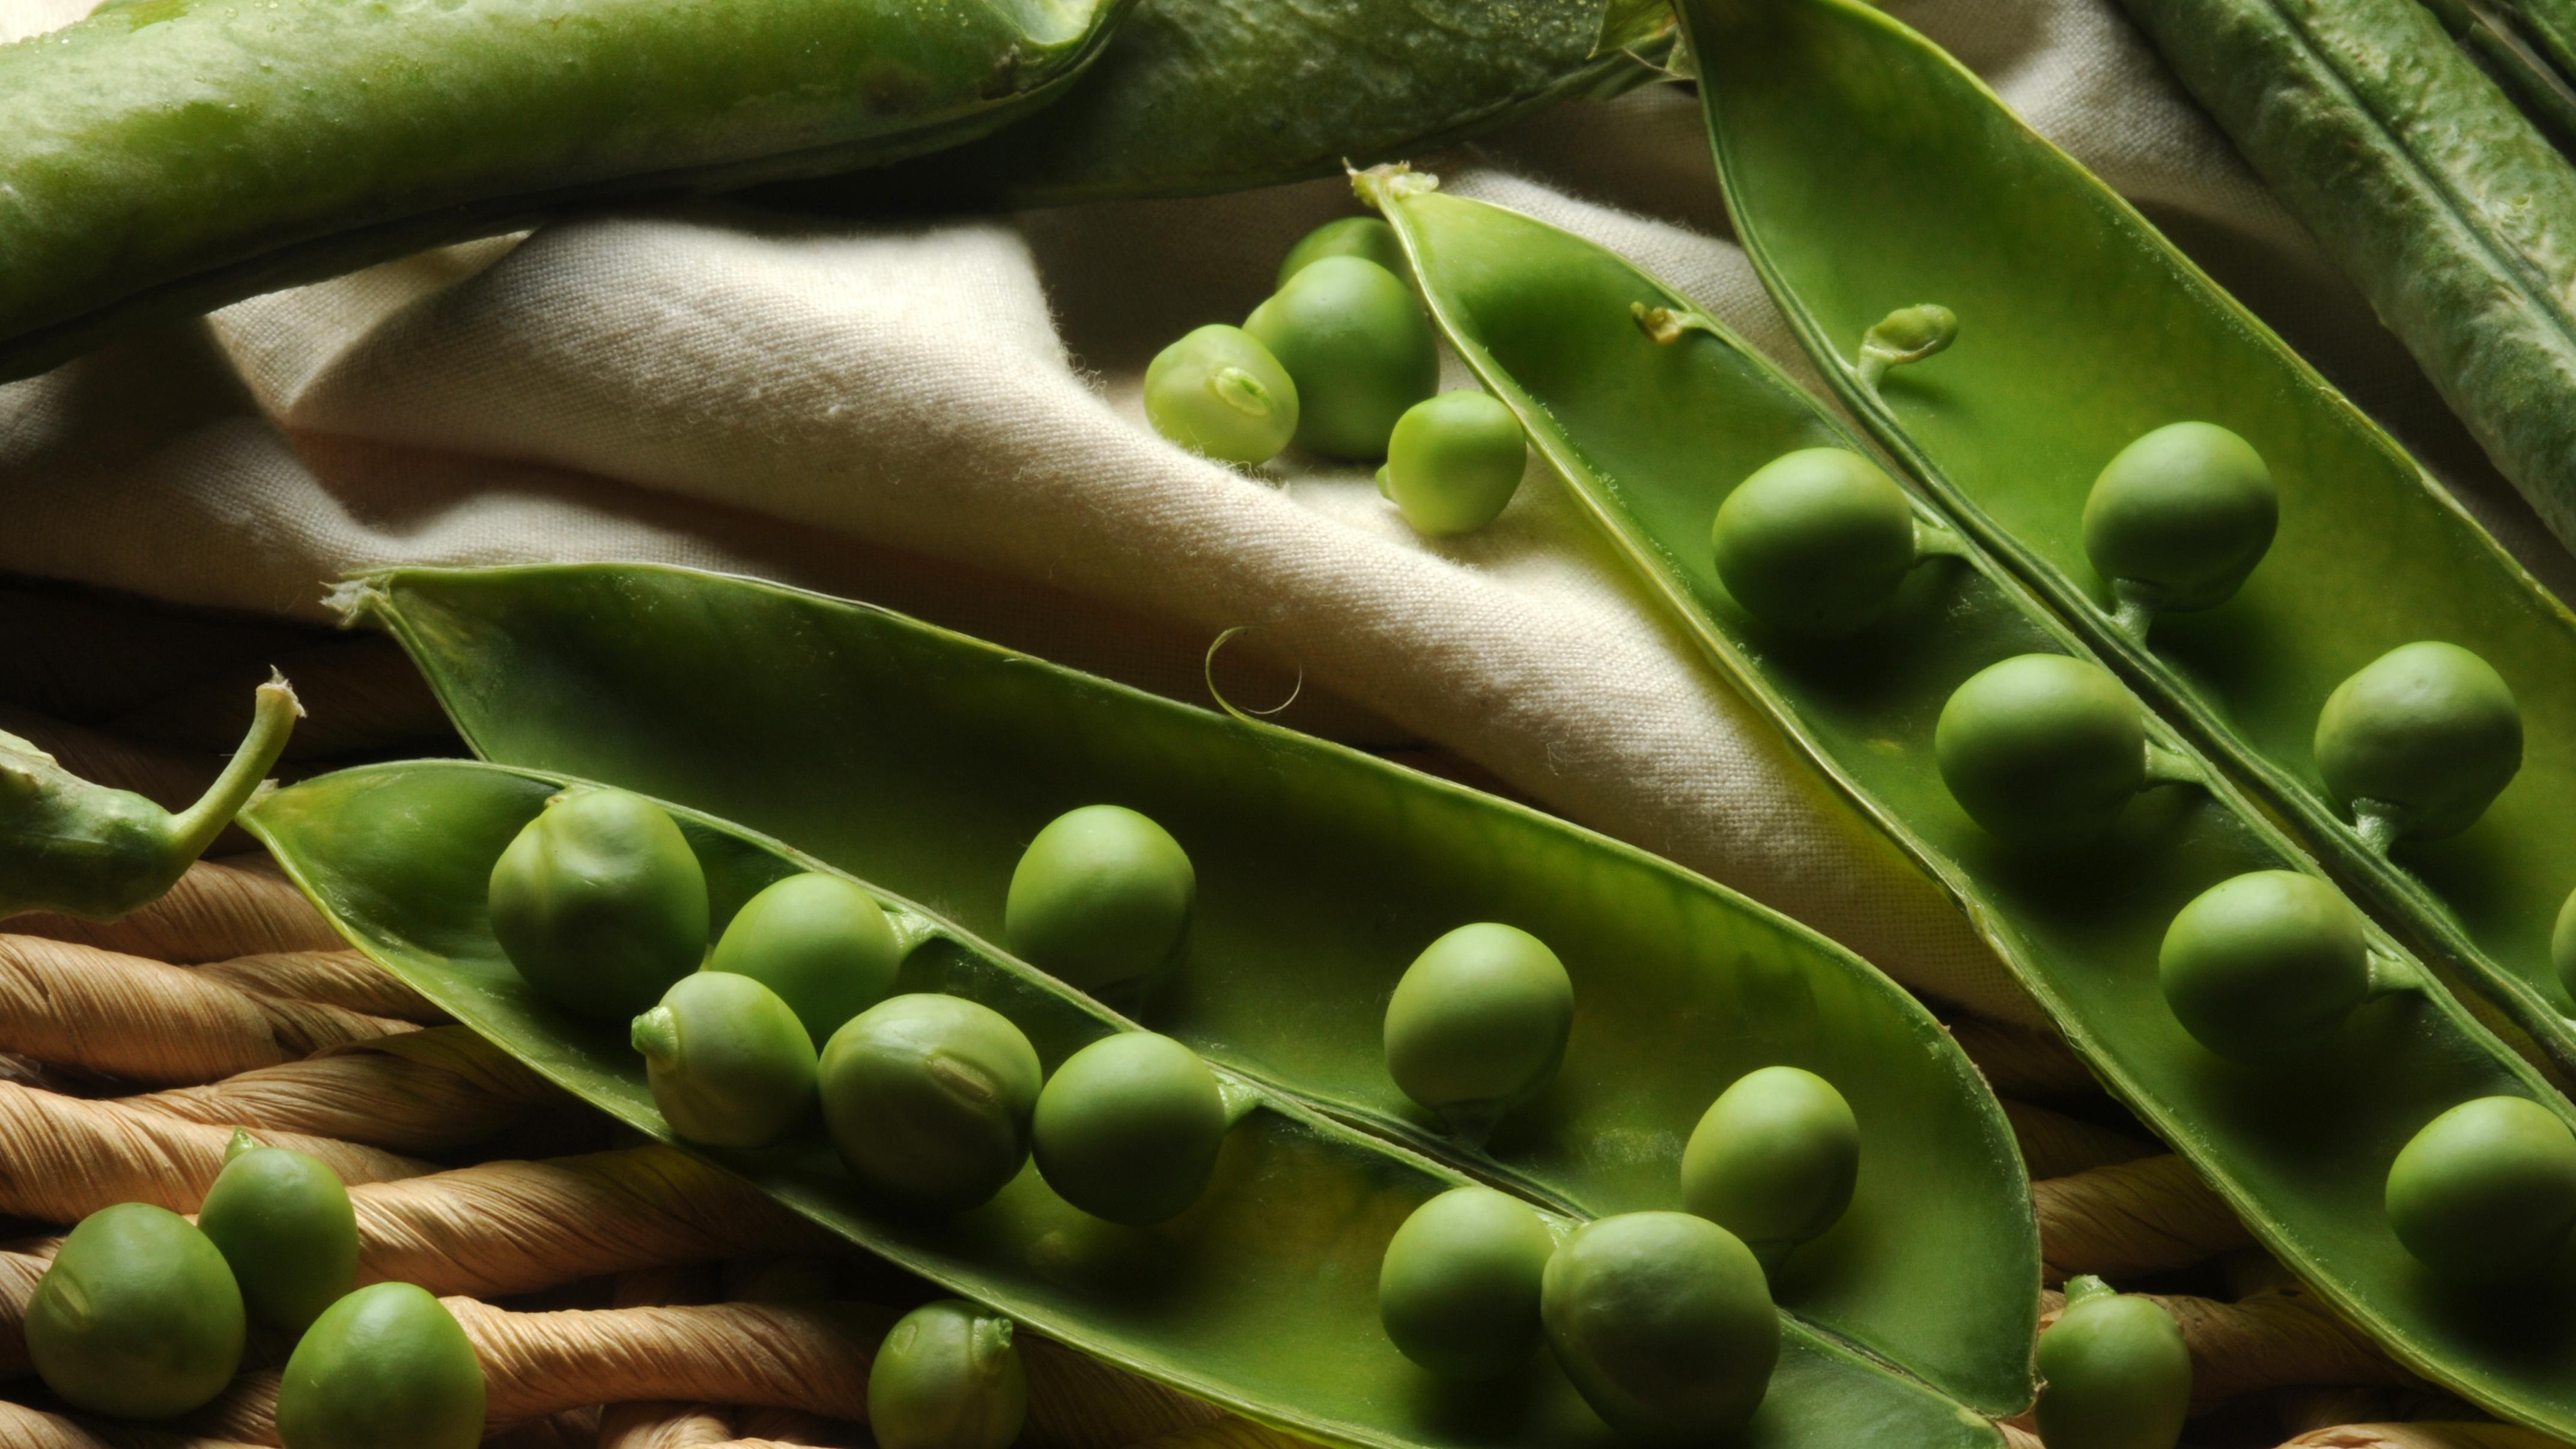 Erbsen roh essen: Das sollten Sie wissen